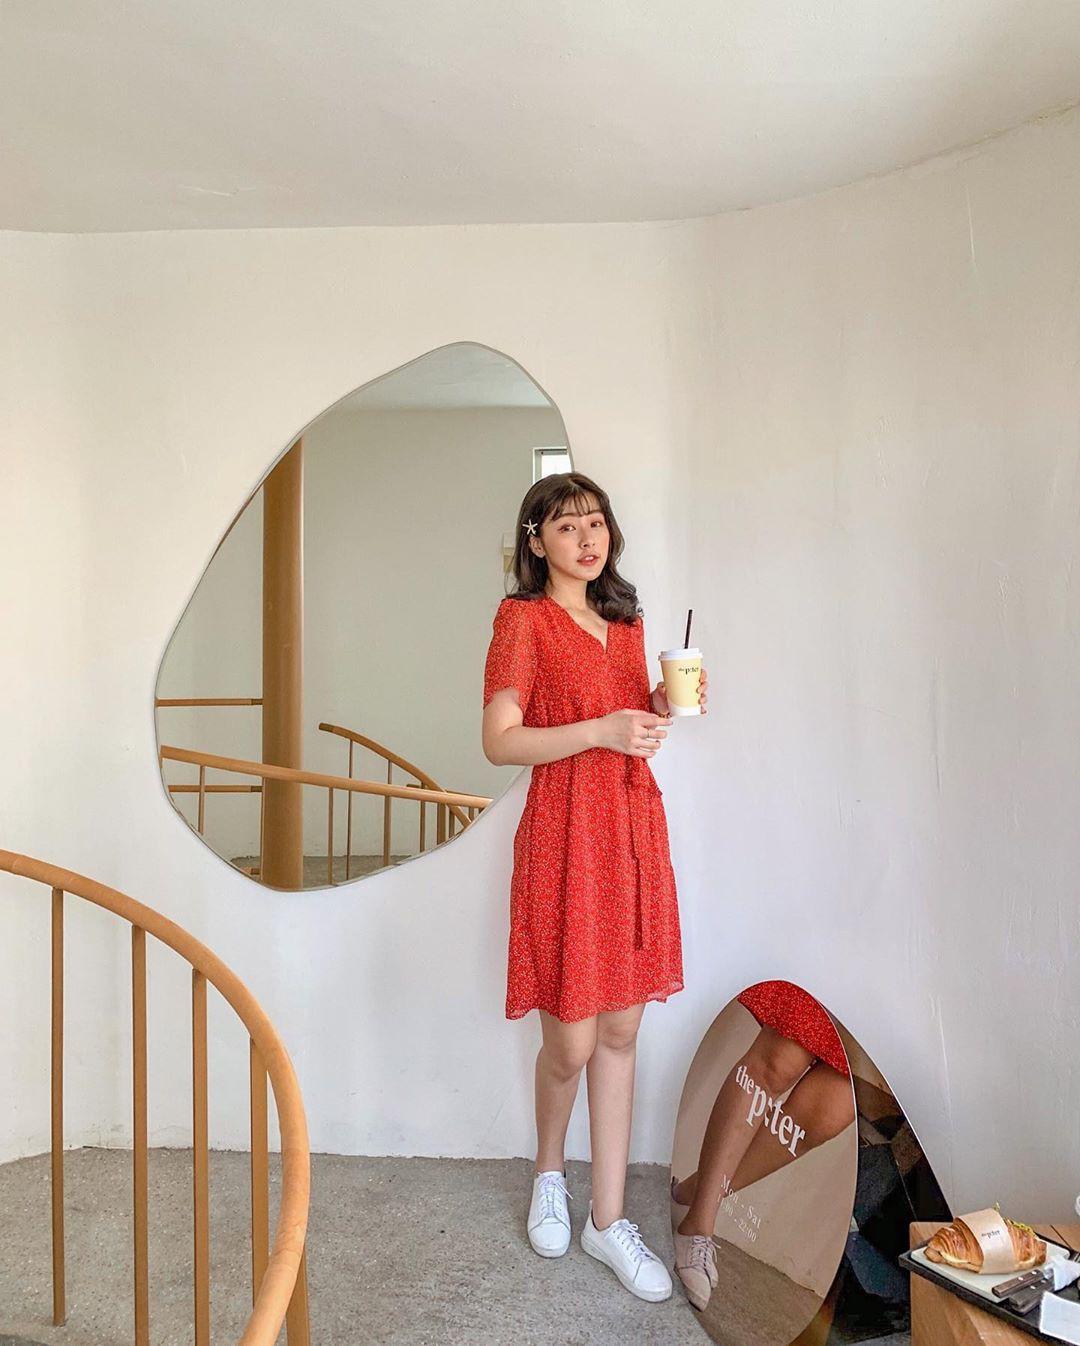 Nàng nào diện váy cũng rất xinh nhưng nếu áp dụng 4 tips sau, vẻ ngoài sẽ càng thêm thanh mảnh và hút mắt - Ảnh 12